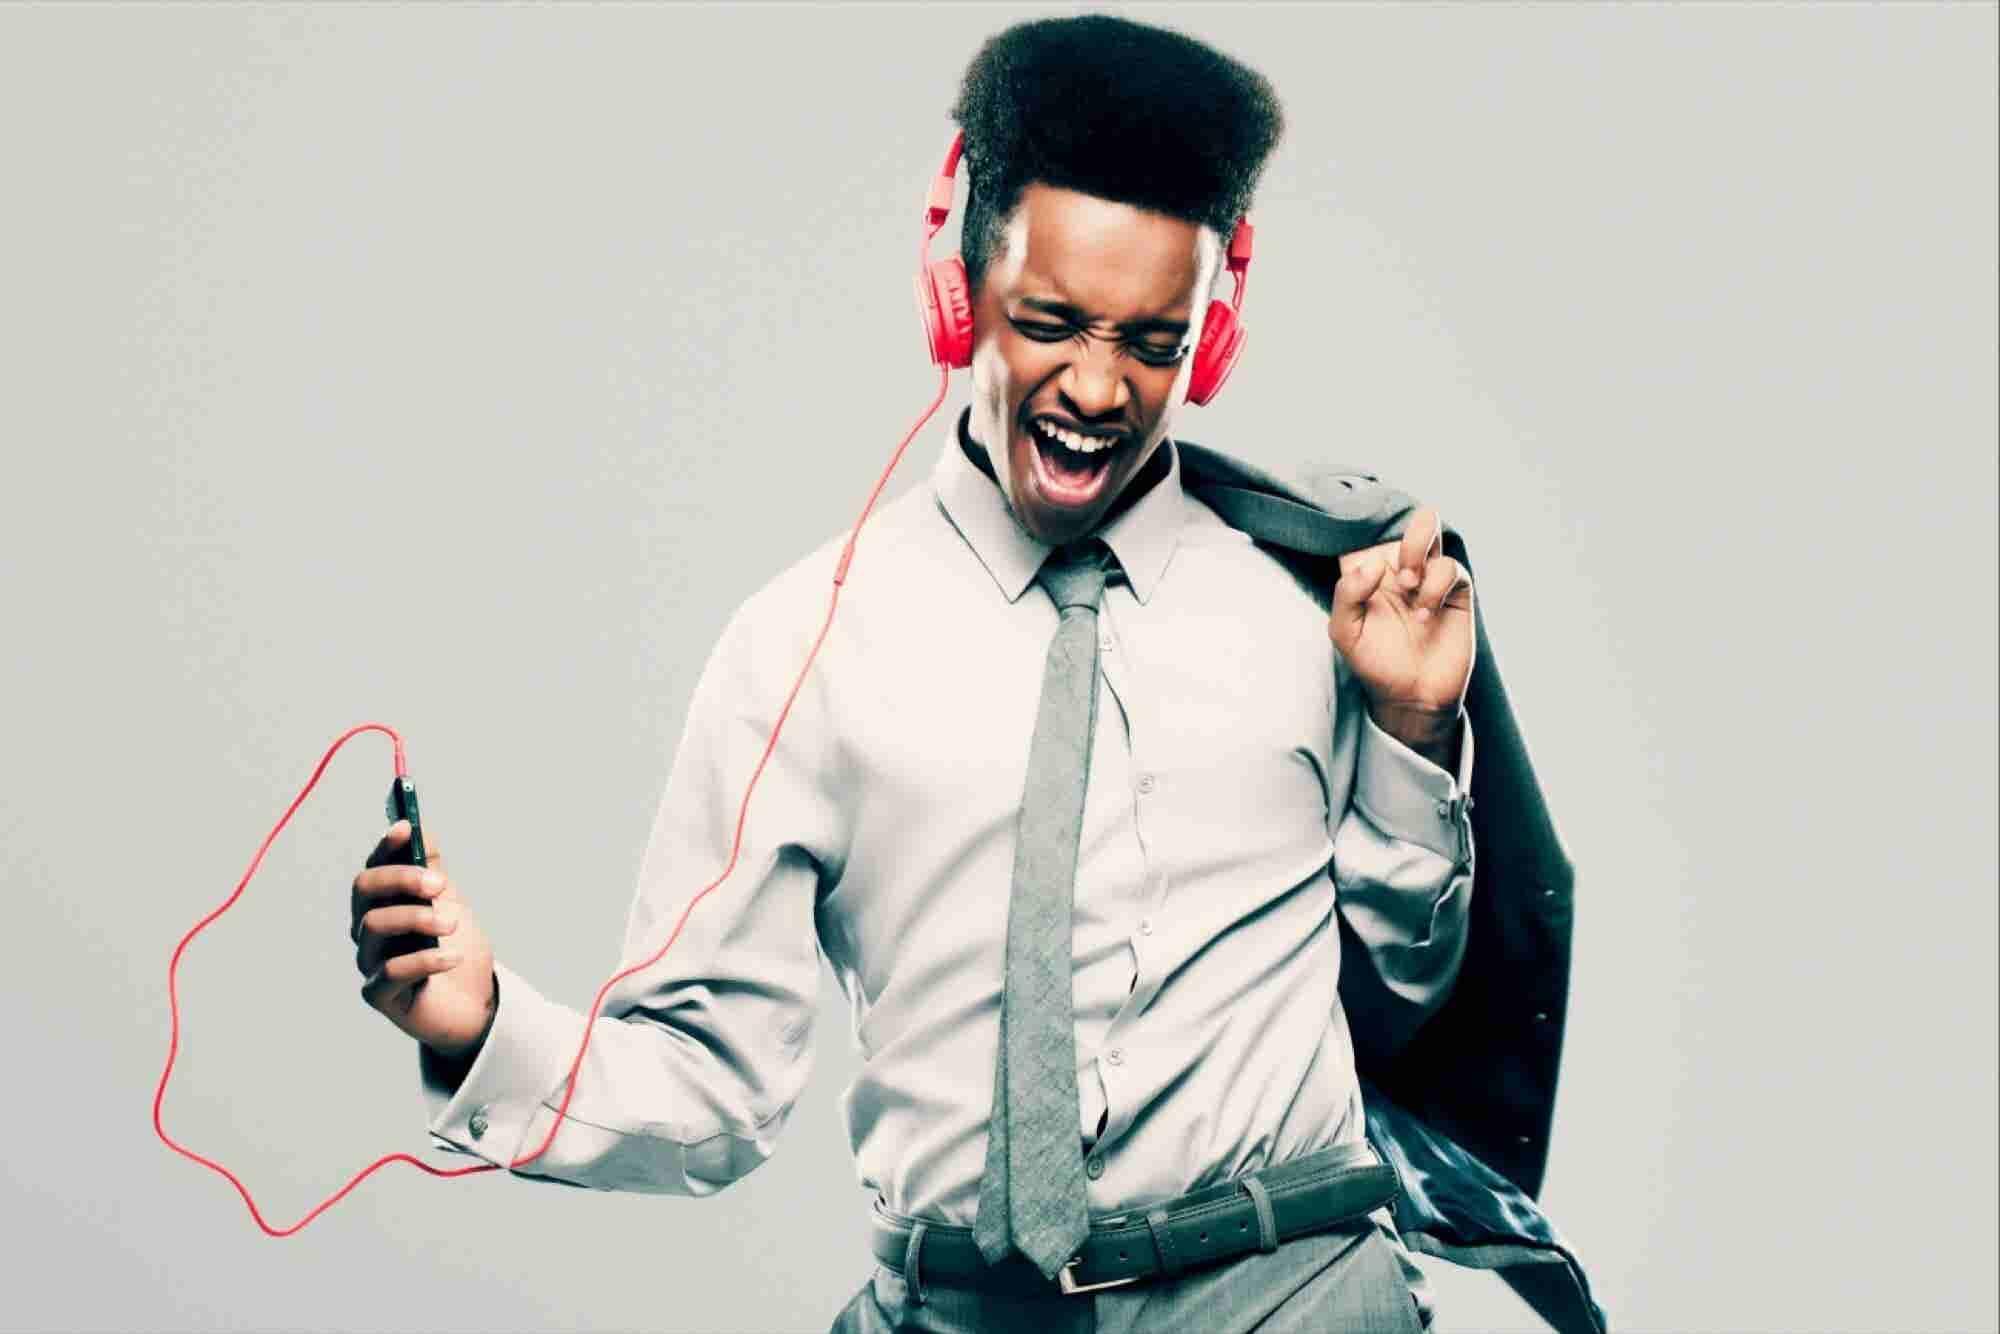 7 Motivational Songs for Badass Entrepreneurs Who Hustle Hard